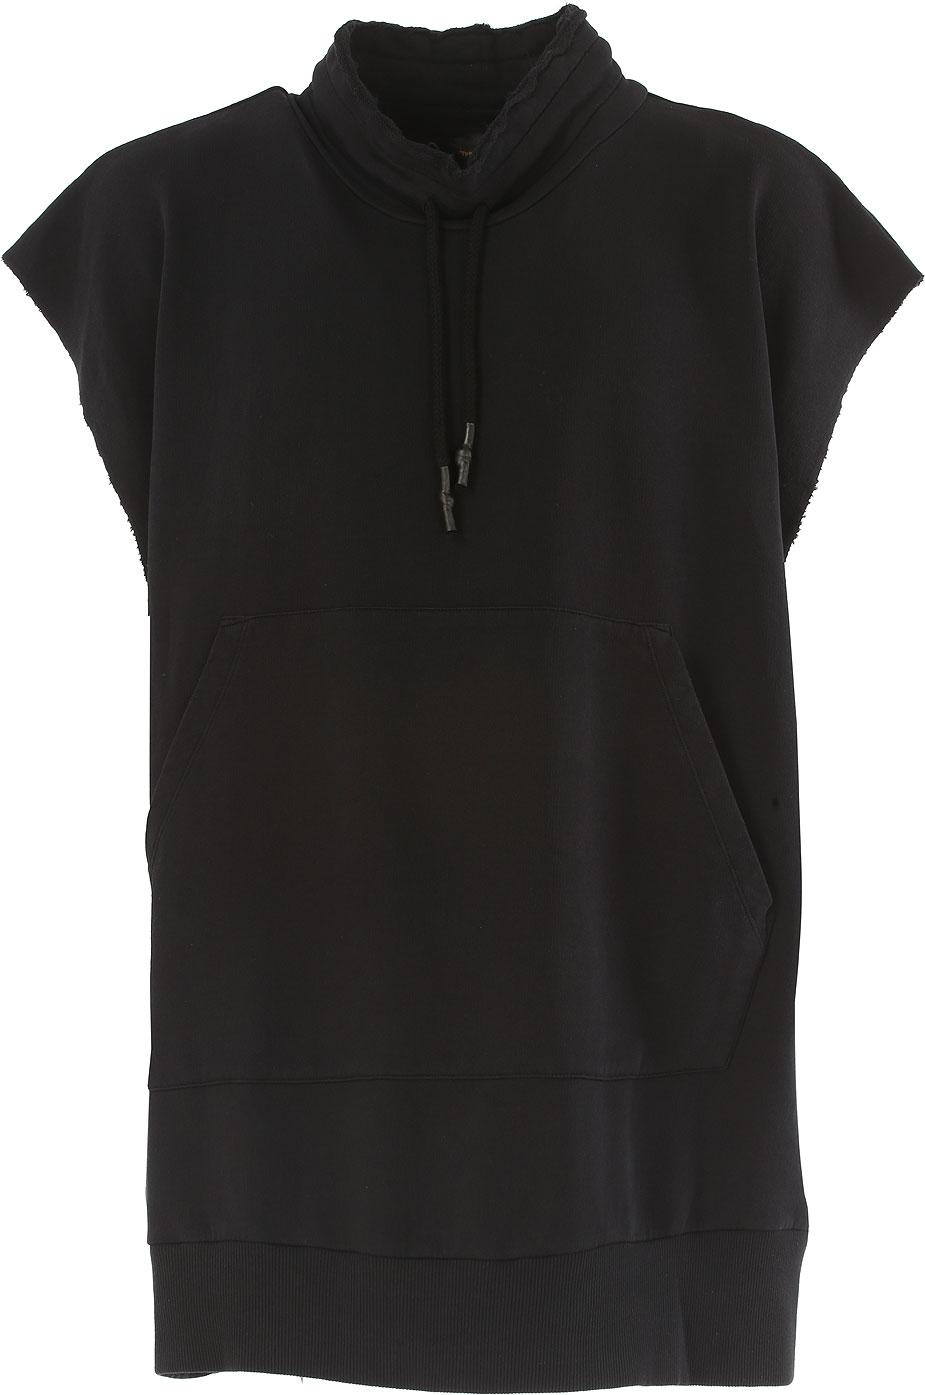 Abbigliamento Uomo Vivienne Westwood Codice Articolo 8531 j09